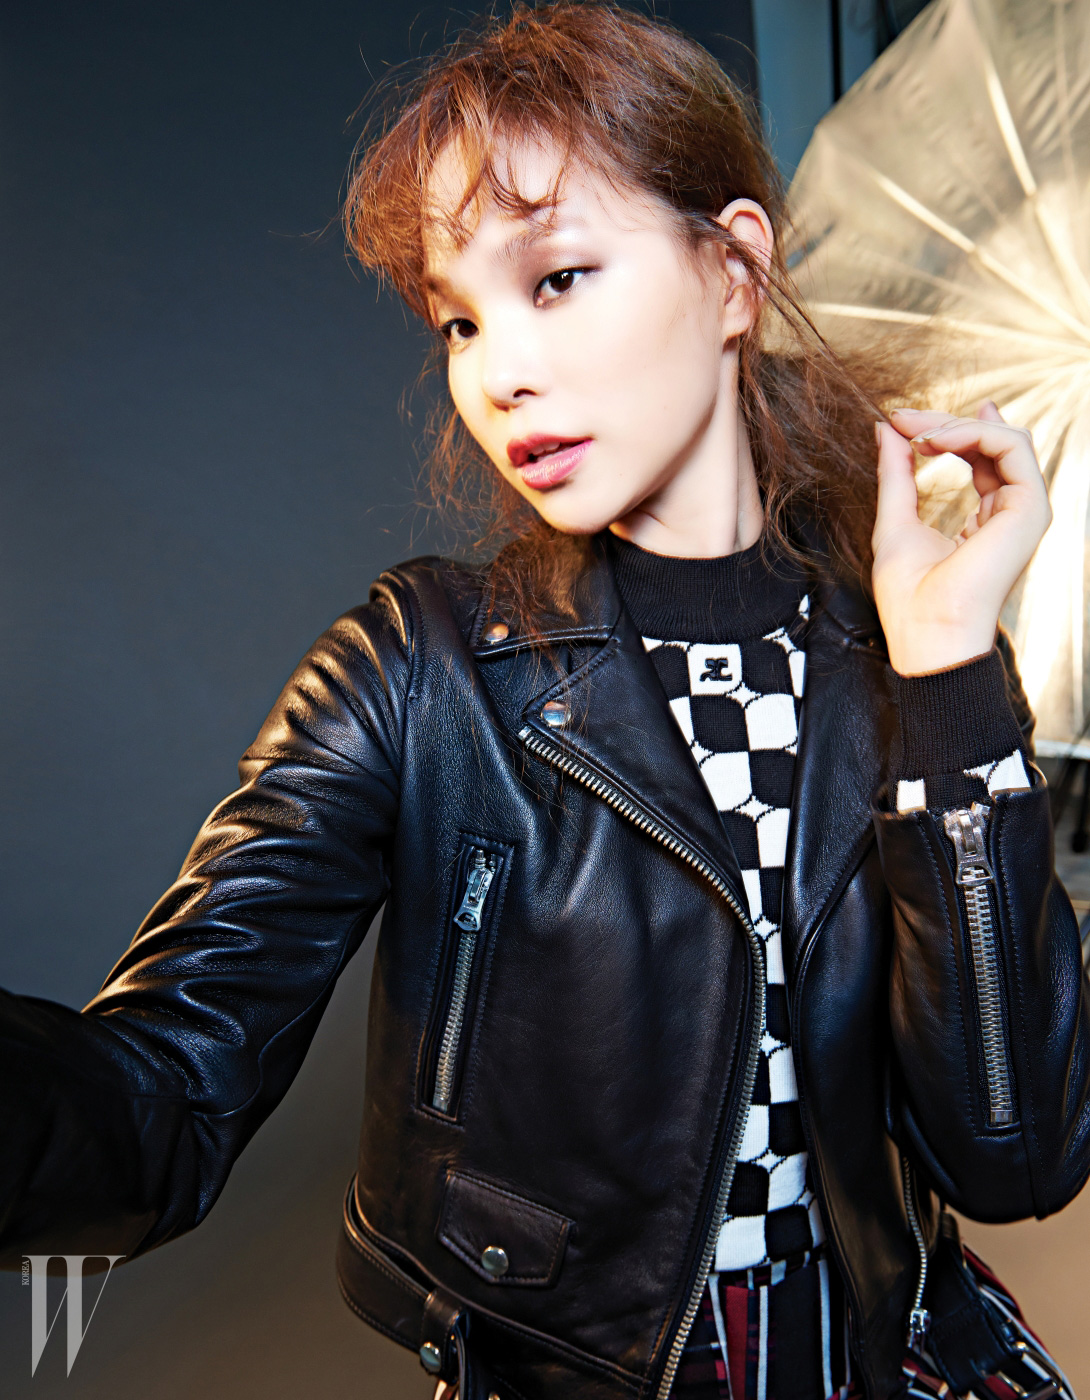 재킷은 아크네 제품. 2백19만원. 그래픽 무늬 니트 톱은 커리지 바이 분더샵 제품. 가격 미정.